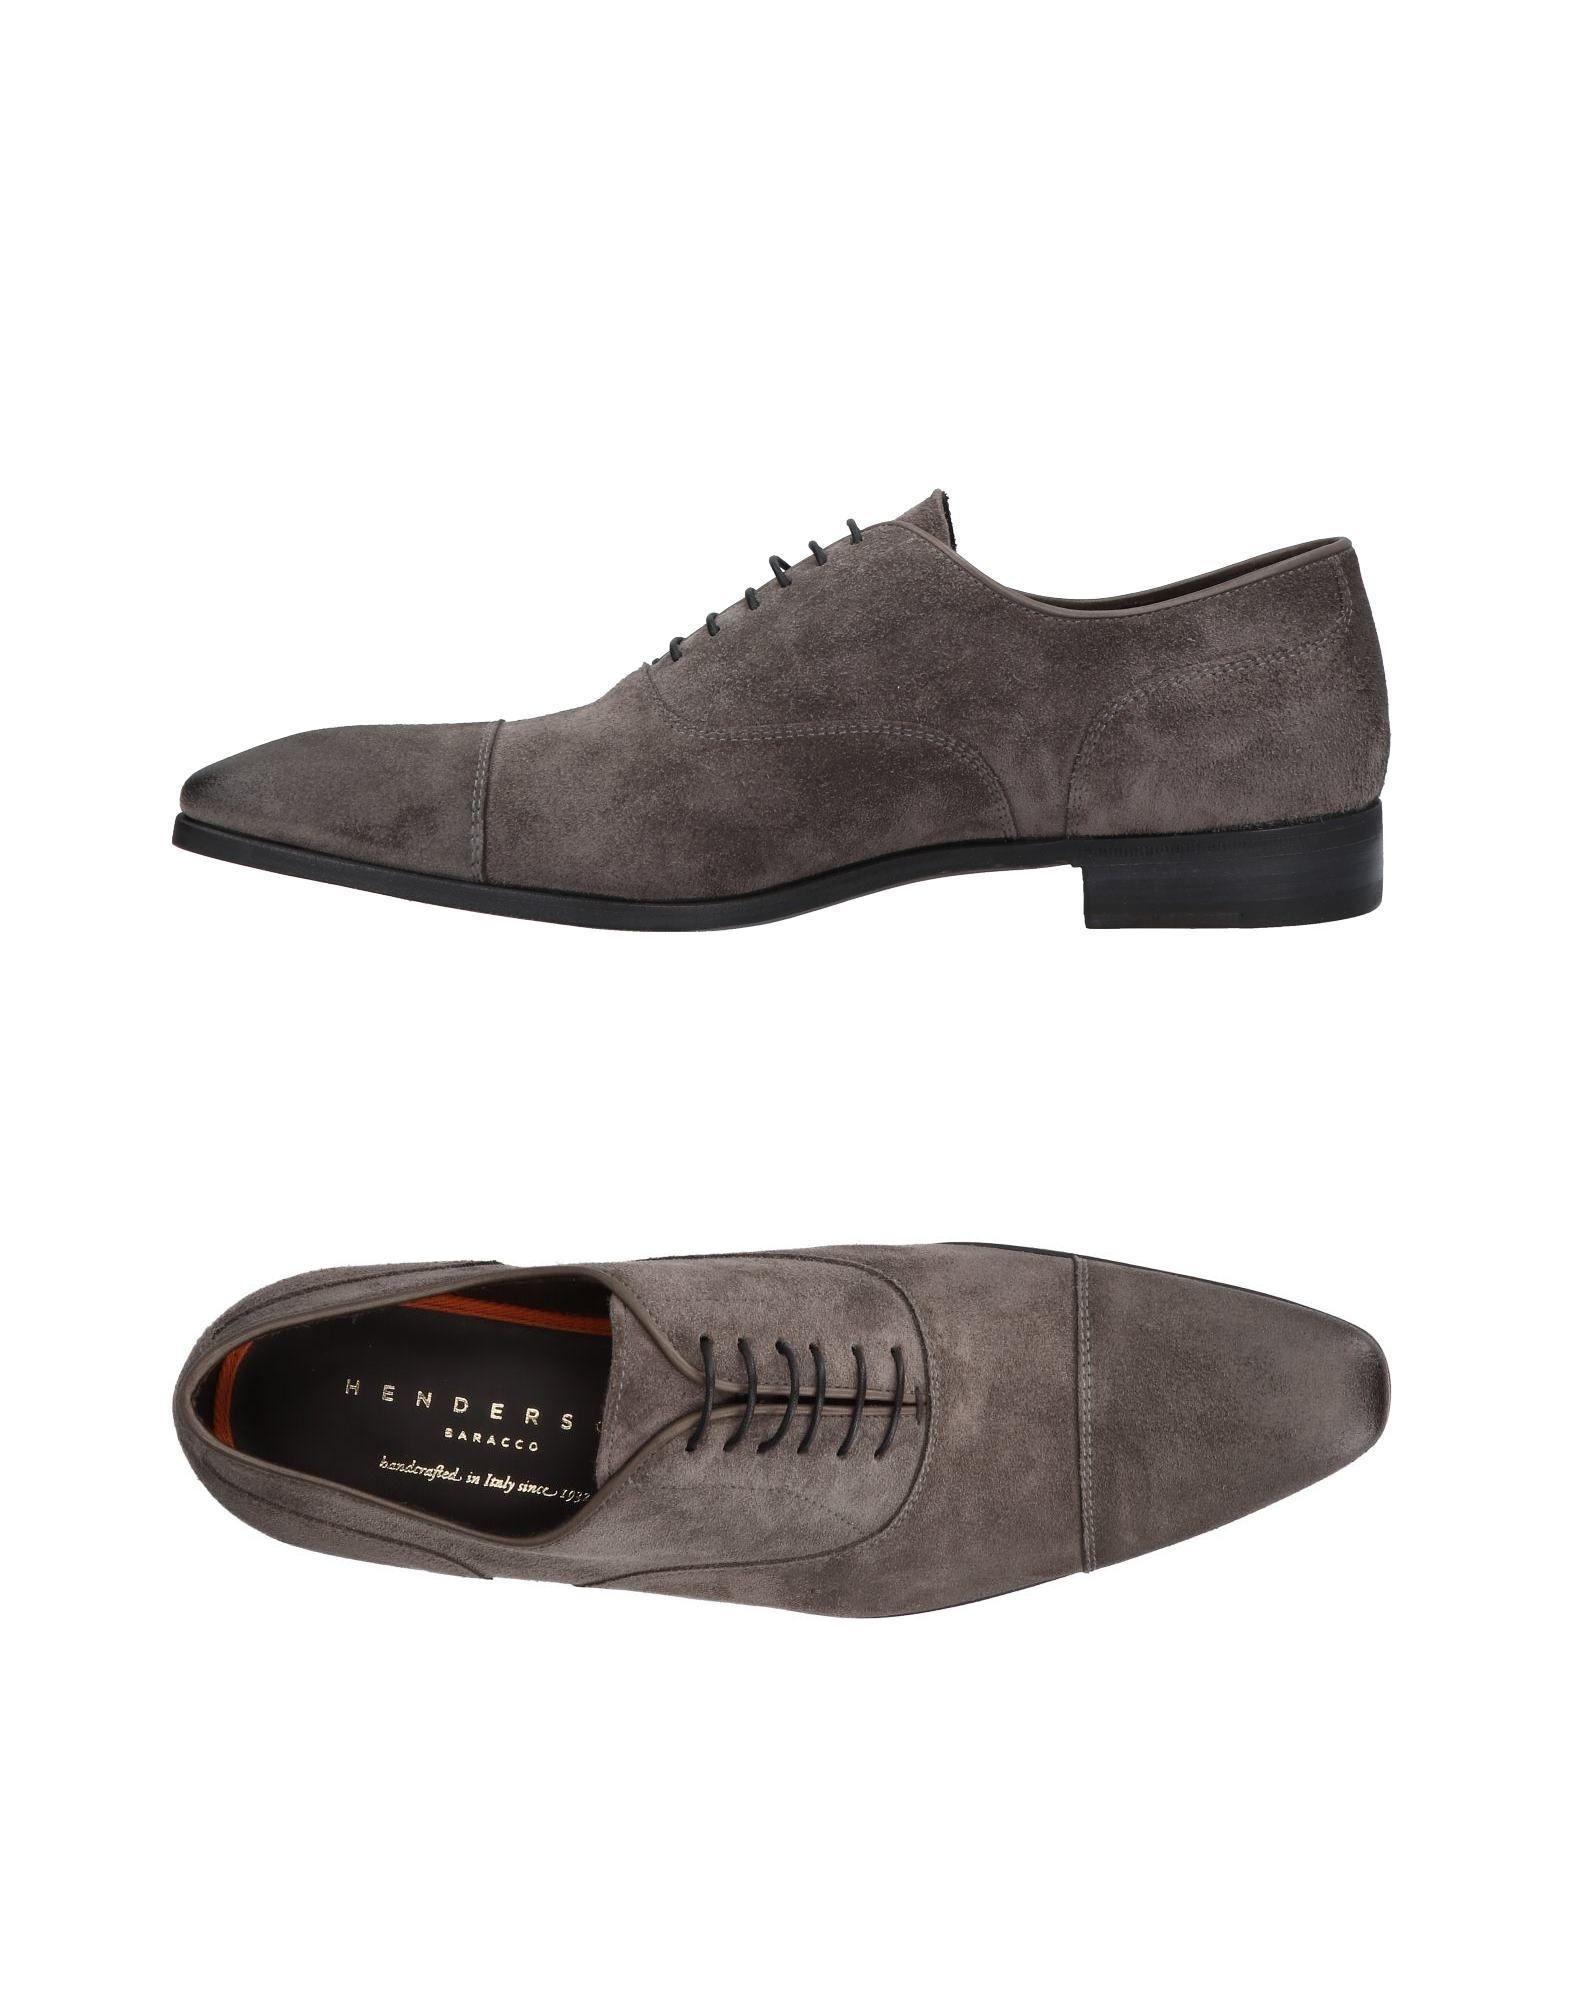 Henderson Schnürschuhe Herren  11452341HG Gute Qualität beliebte Schuhe